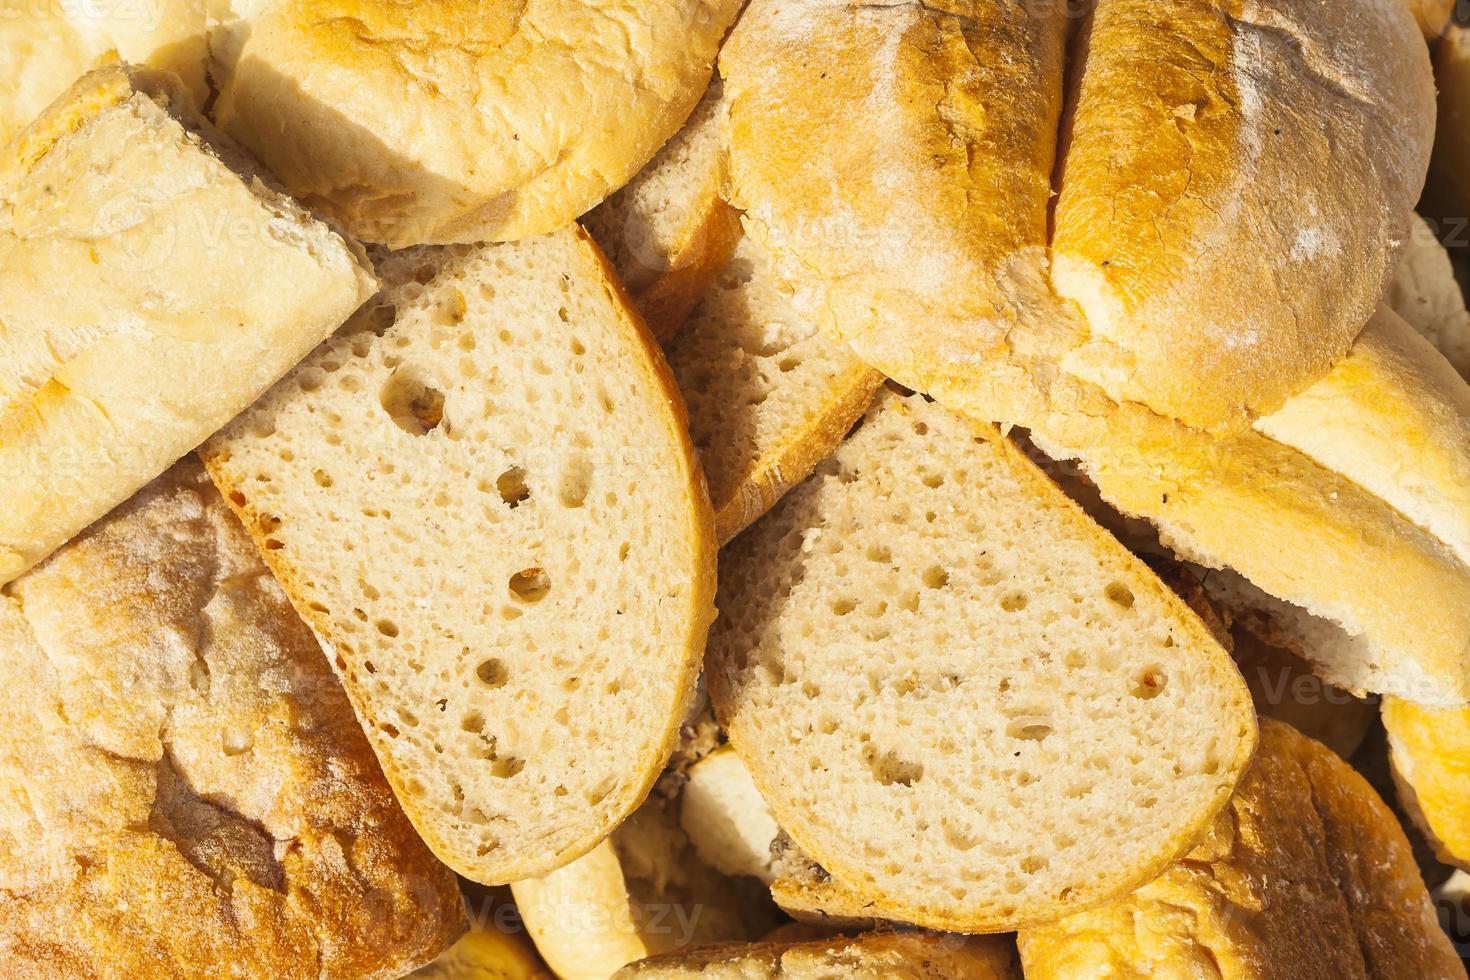 gebakken goederen. foto